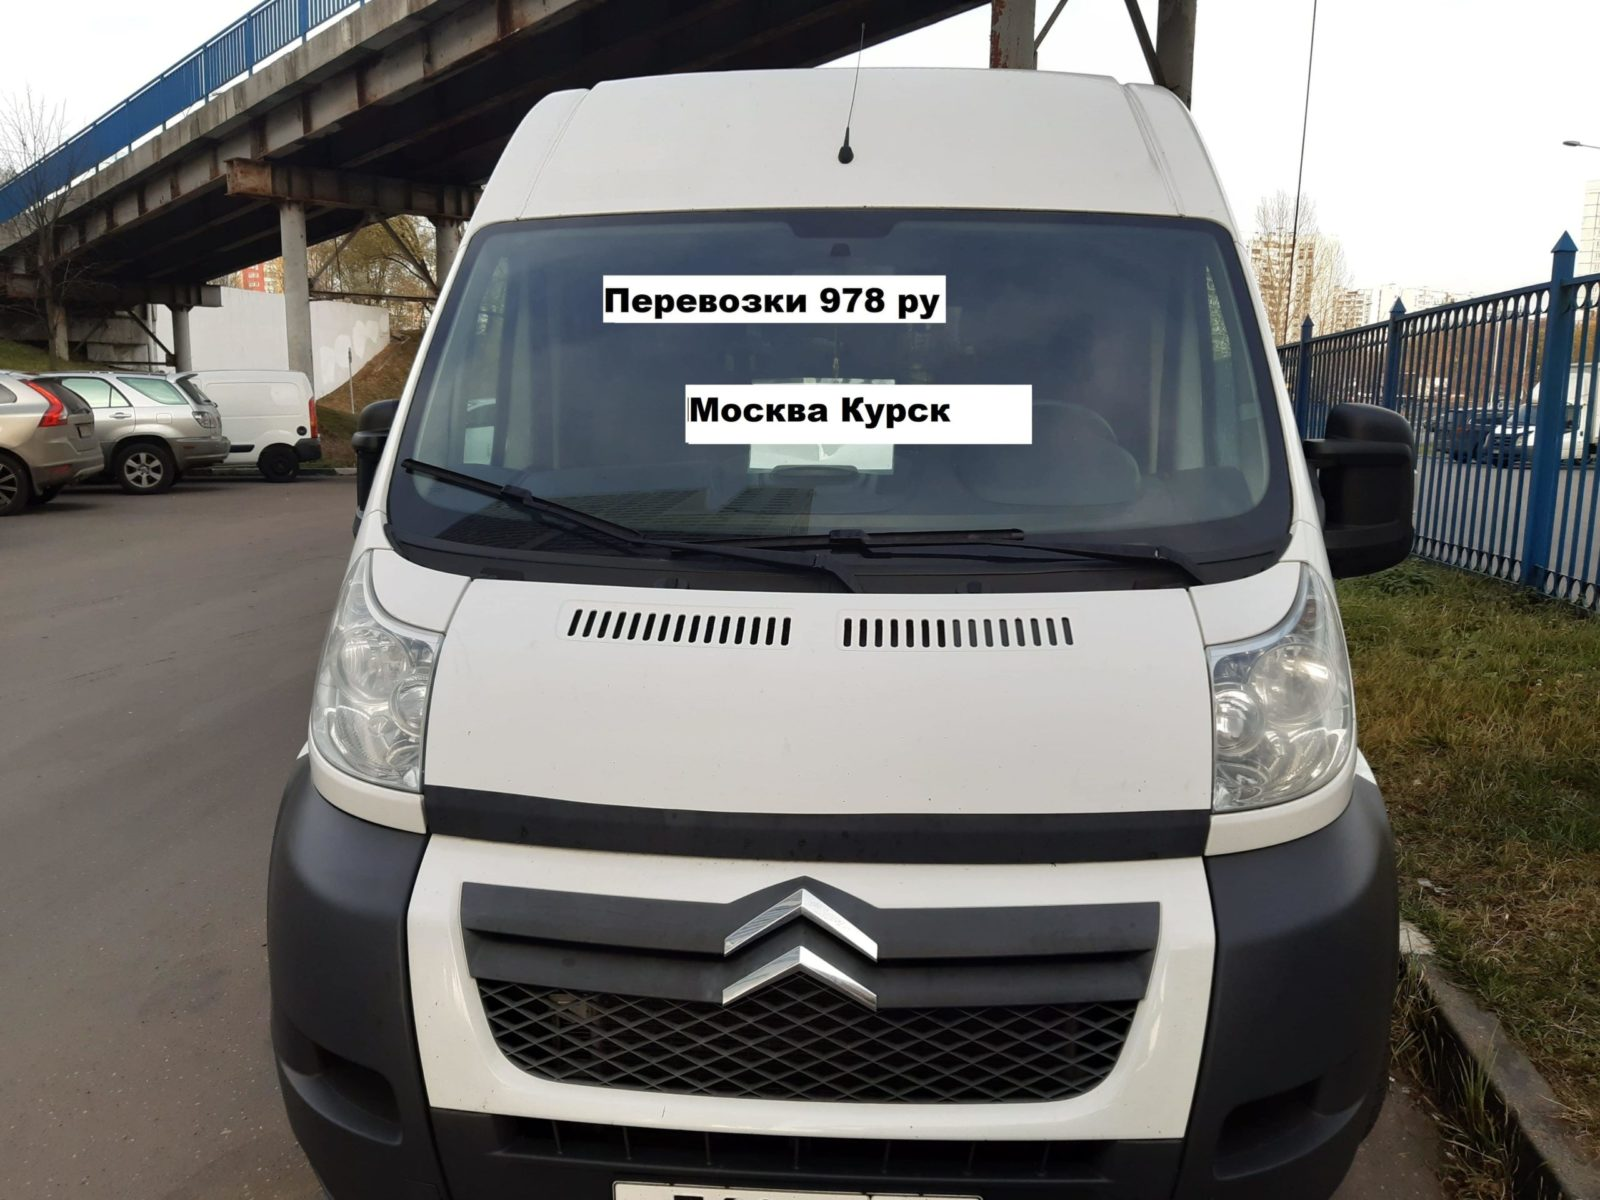 Перевозка грузопассажирская Москва → Курск | «Перевозки 978»